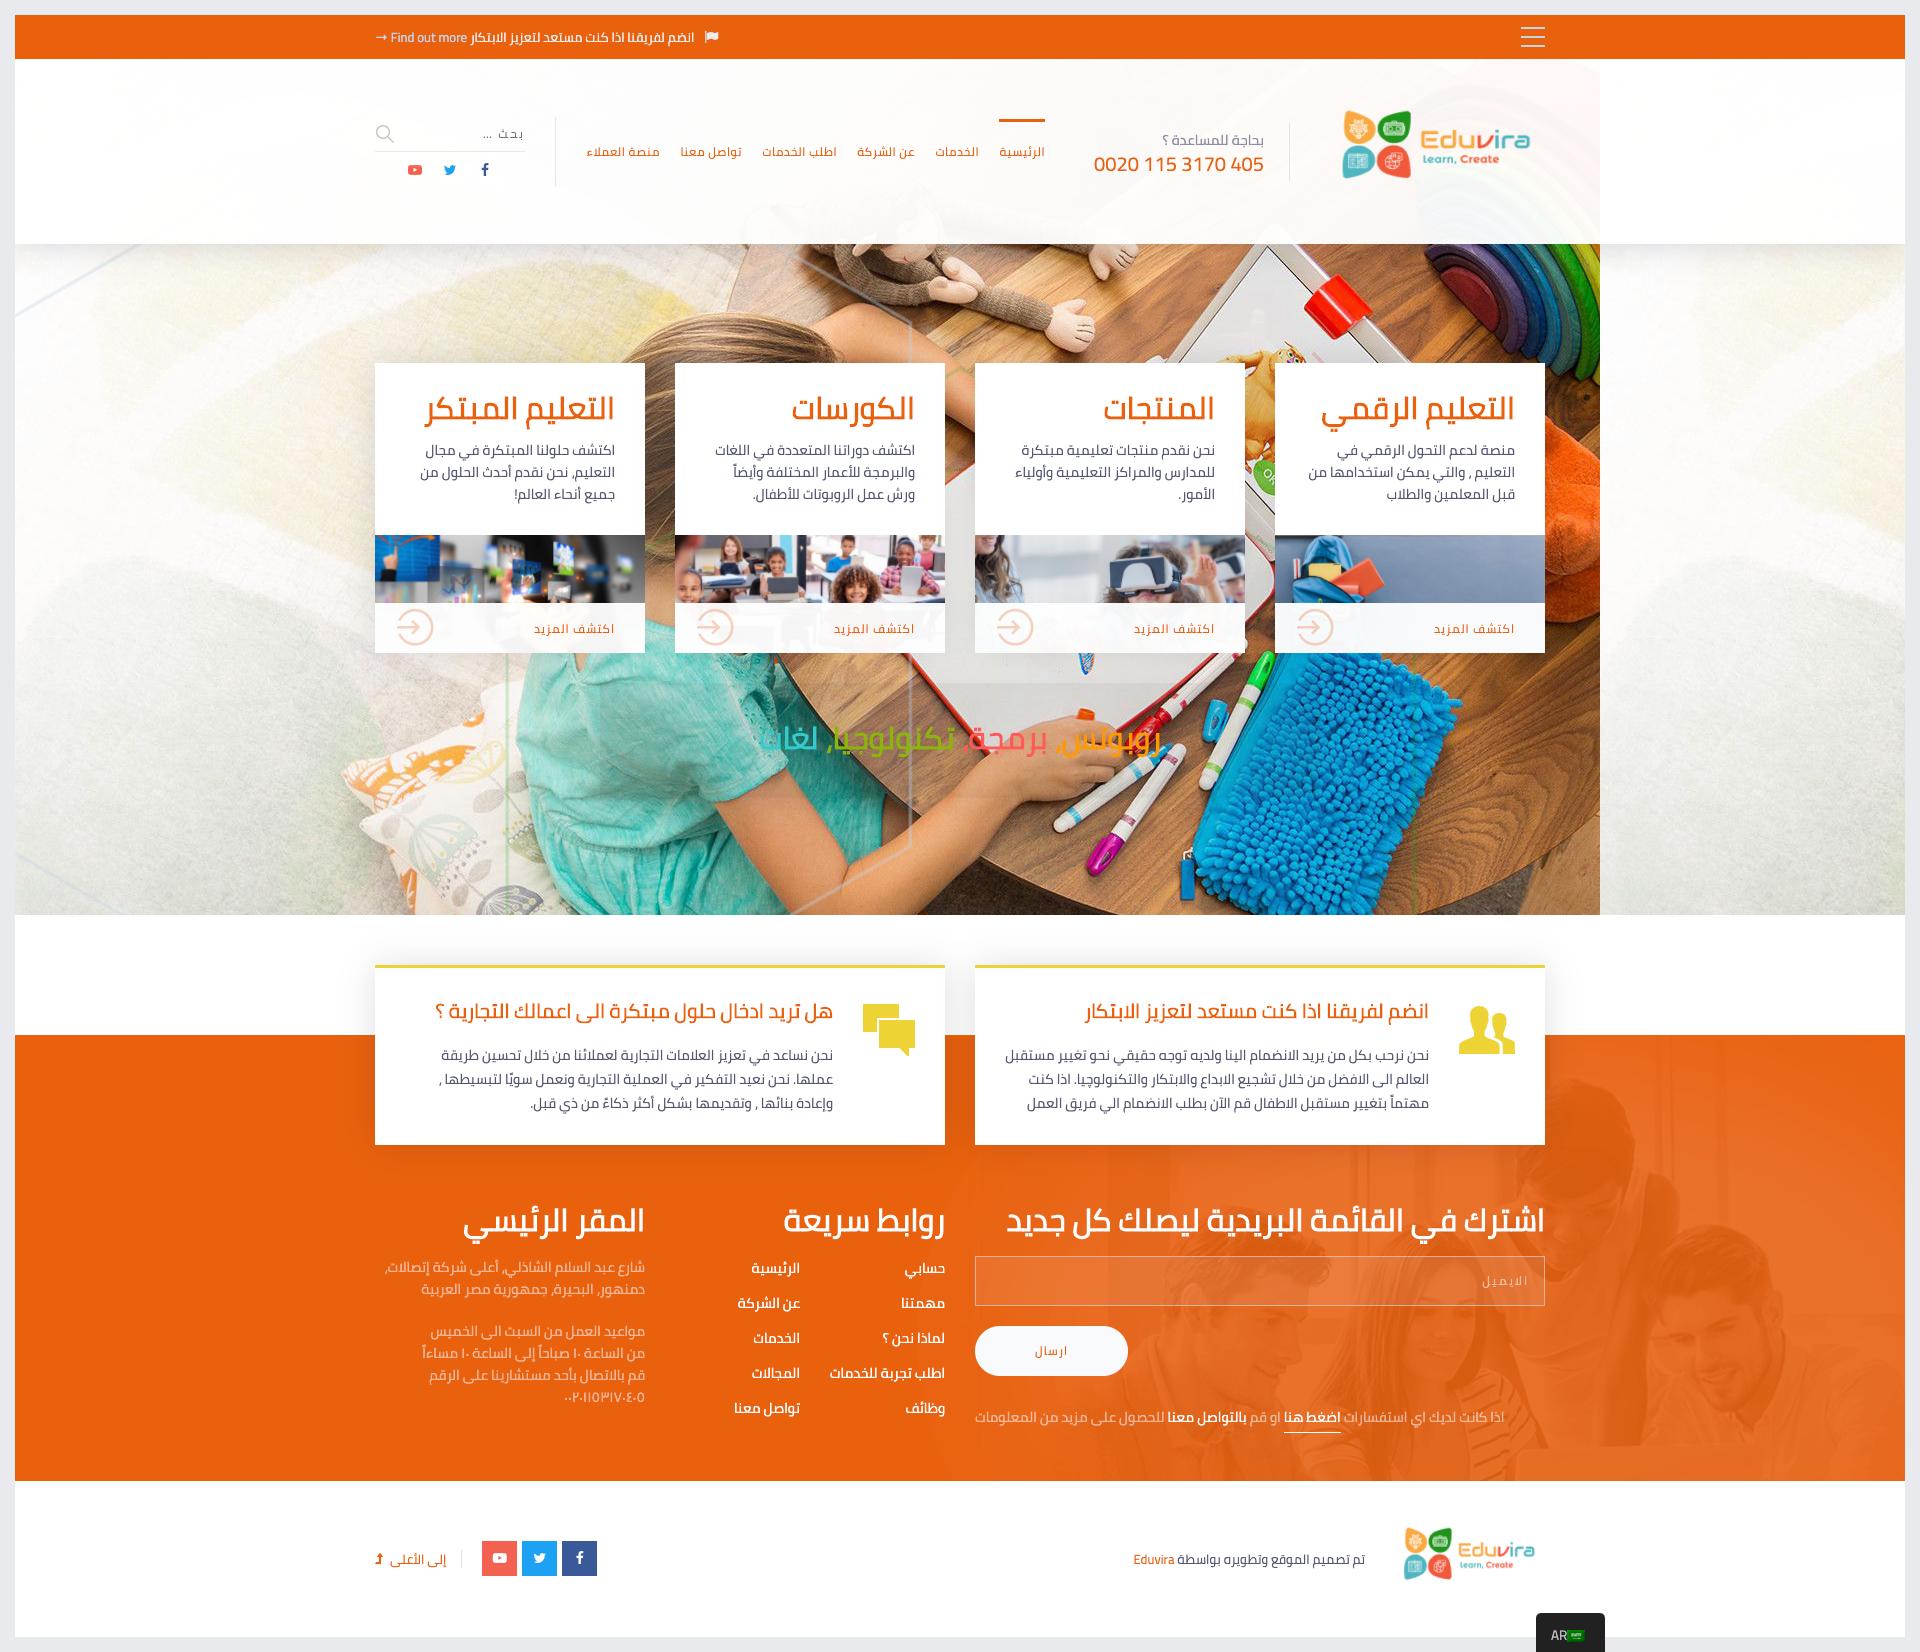 موقع اكاديمية ايديوفيرا لتكنولوجيا المعلومات